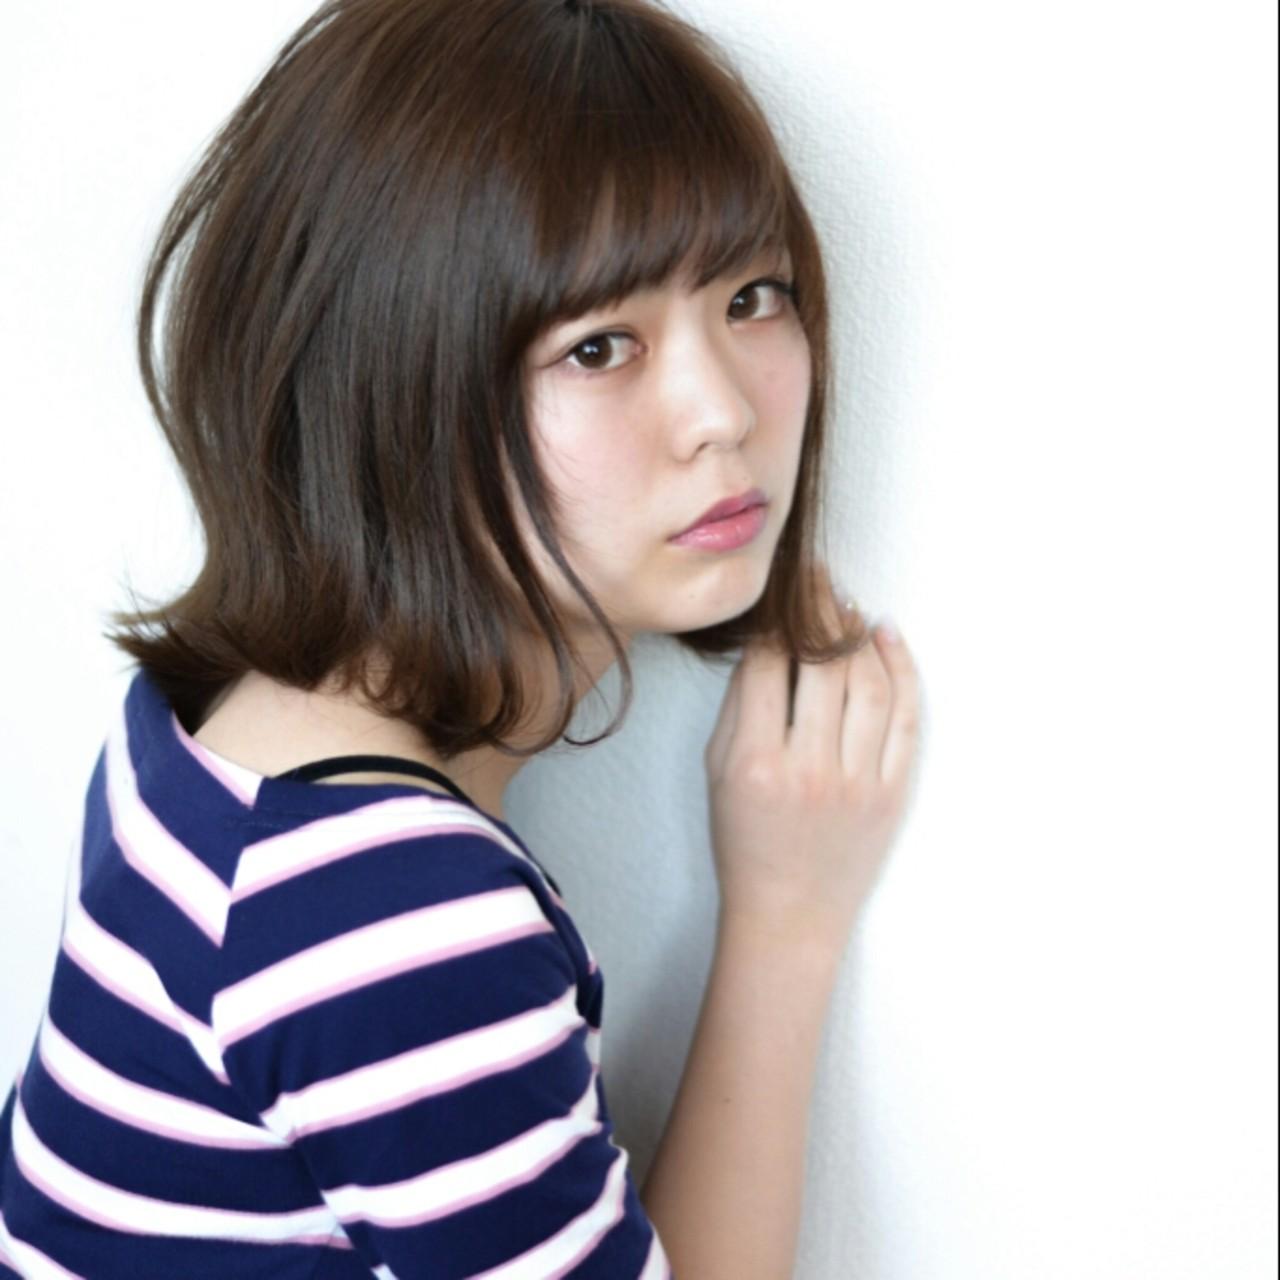 女子ウケが良い外ハネボブ 暗い髪色にも合うので幅広く おすすめできるスタイルです。